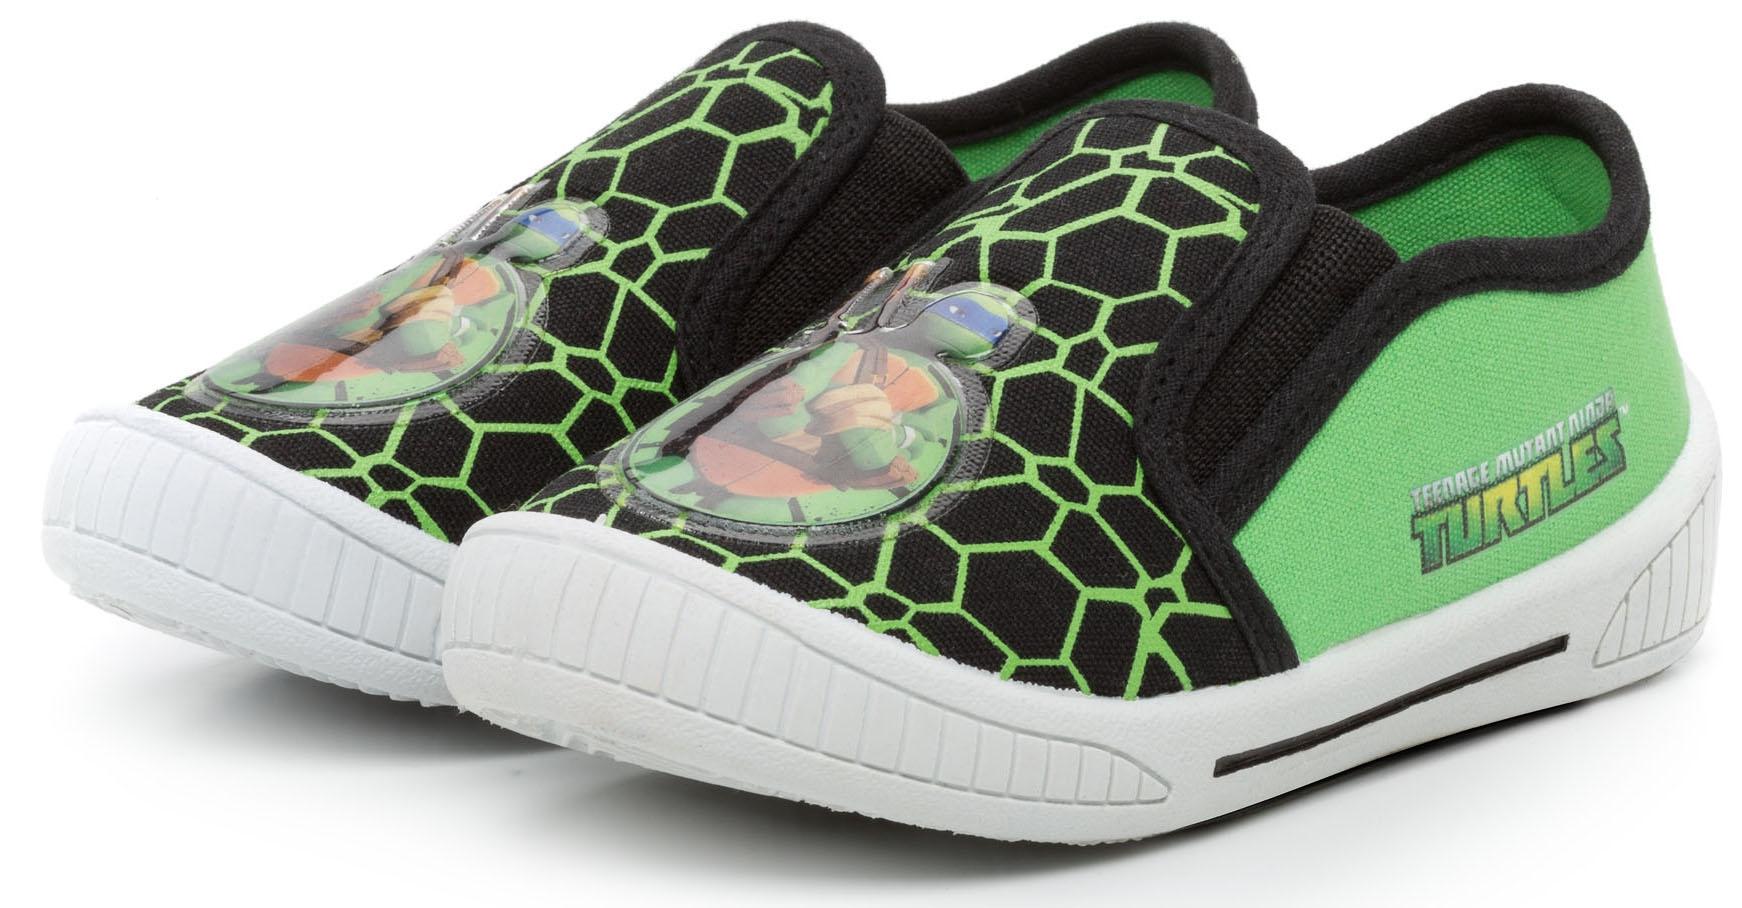 Черепашки Ниндзя TM NINJA TURTLES Полуботинки типа кроссовых для мальчика Tm Ninja Turtles, черно-зеленые платье футболка женское deha из трикотажного хлопка